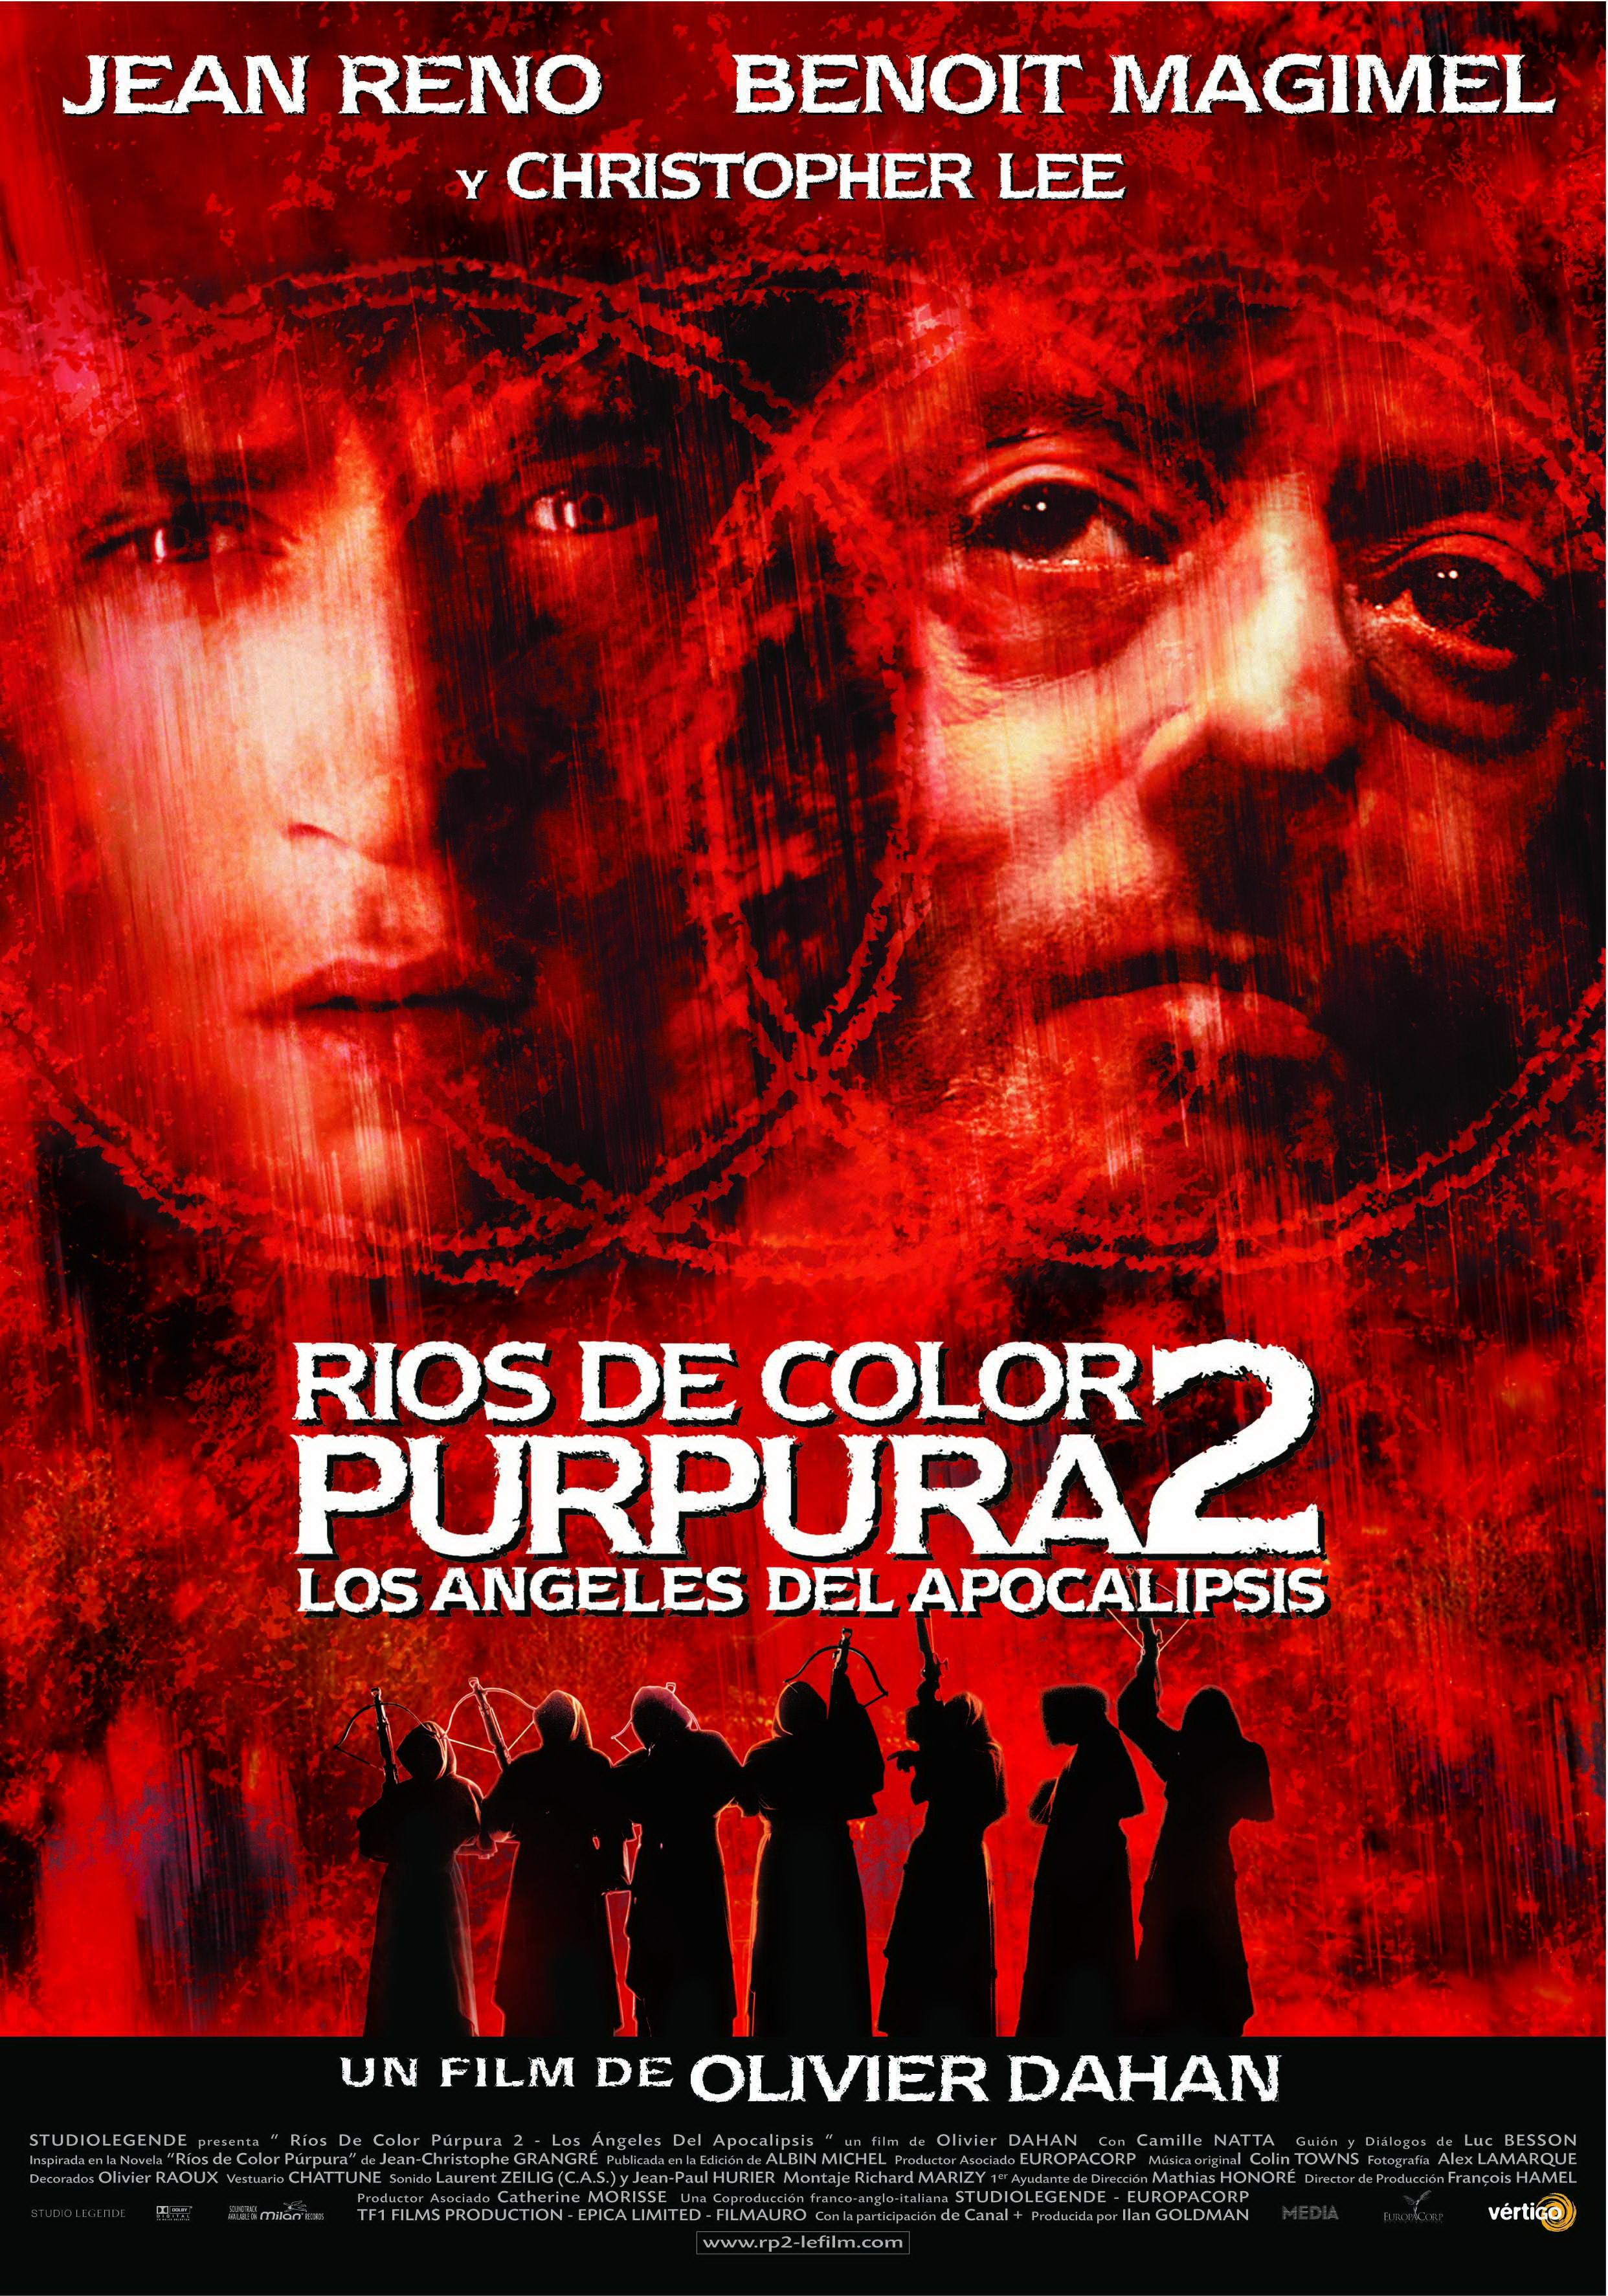 Ríos de color púrpura 2. Los ángeles del Apocalípsis - Rivières pourpres II - Les anges de l'apocalypse